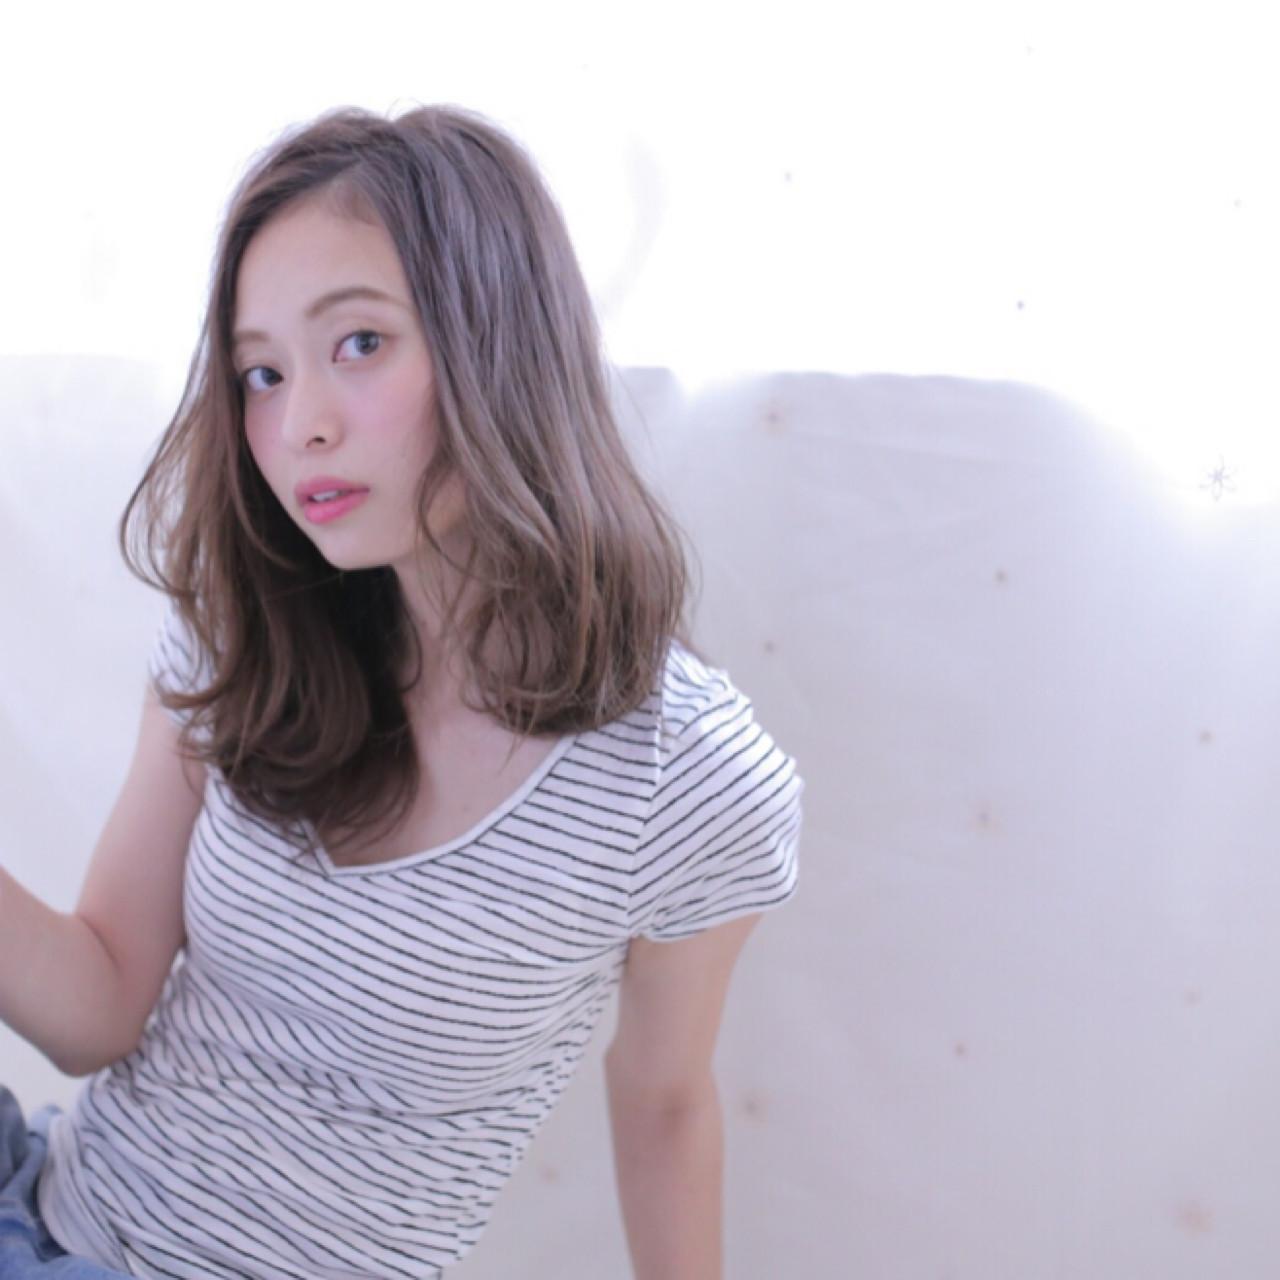 【顔型診断】顔の形で分かる!自分に似合う髪型って何?♡ 関口 裕樹 | Frais 町田